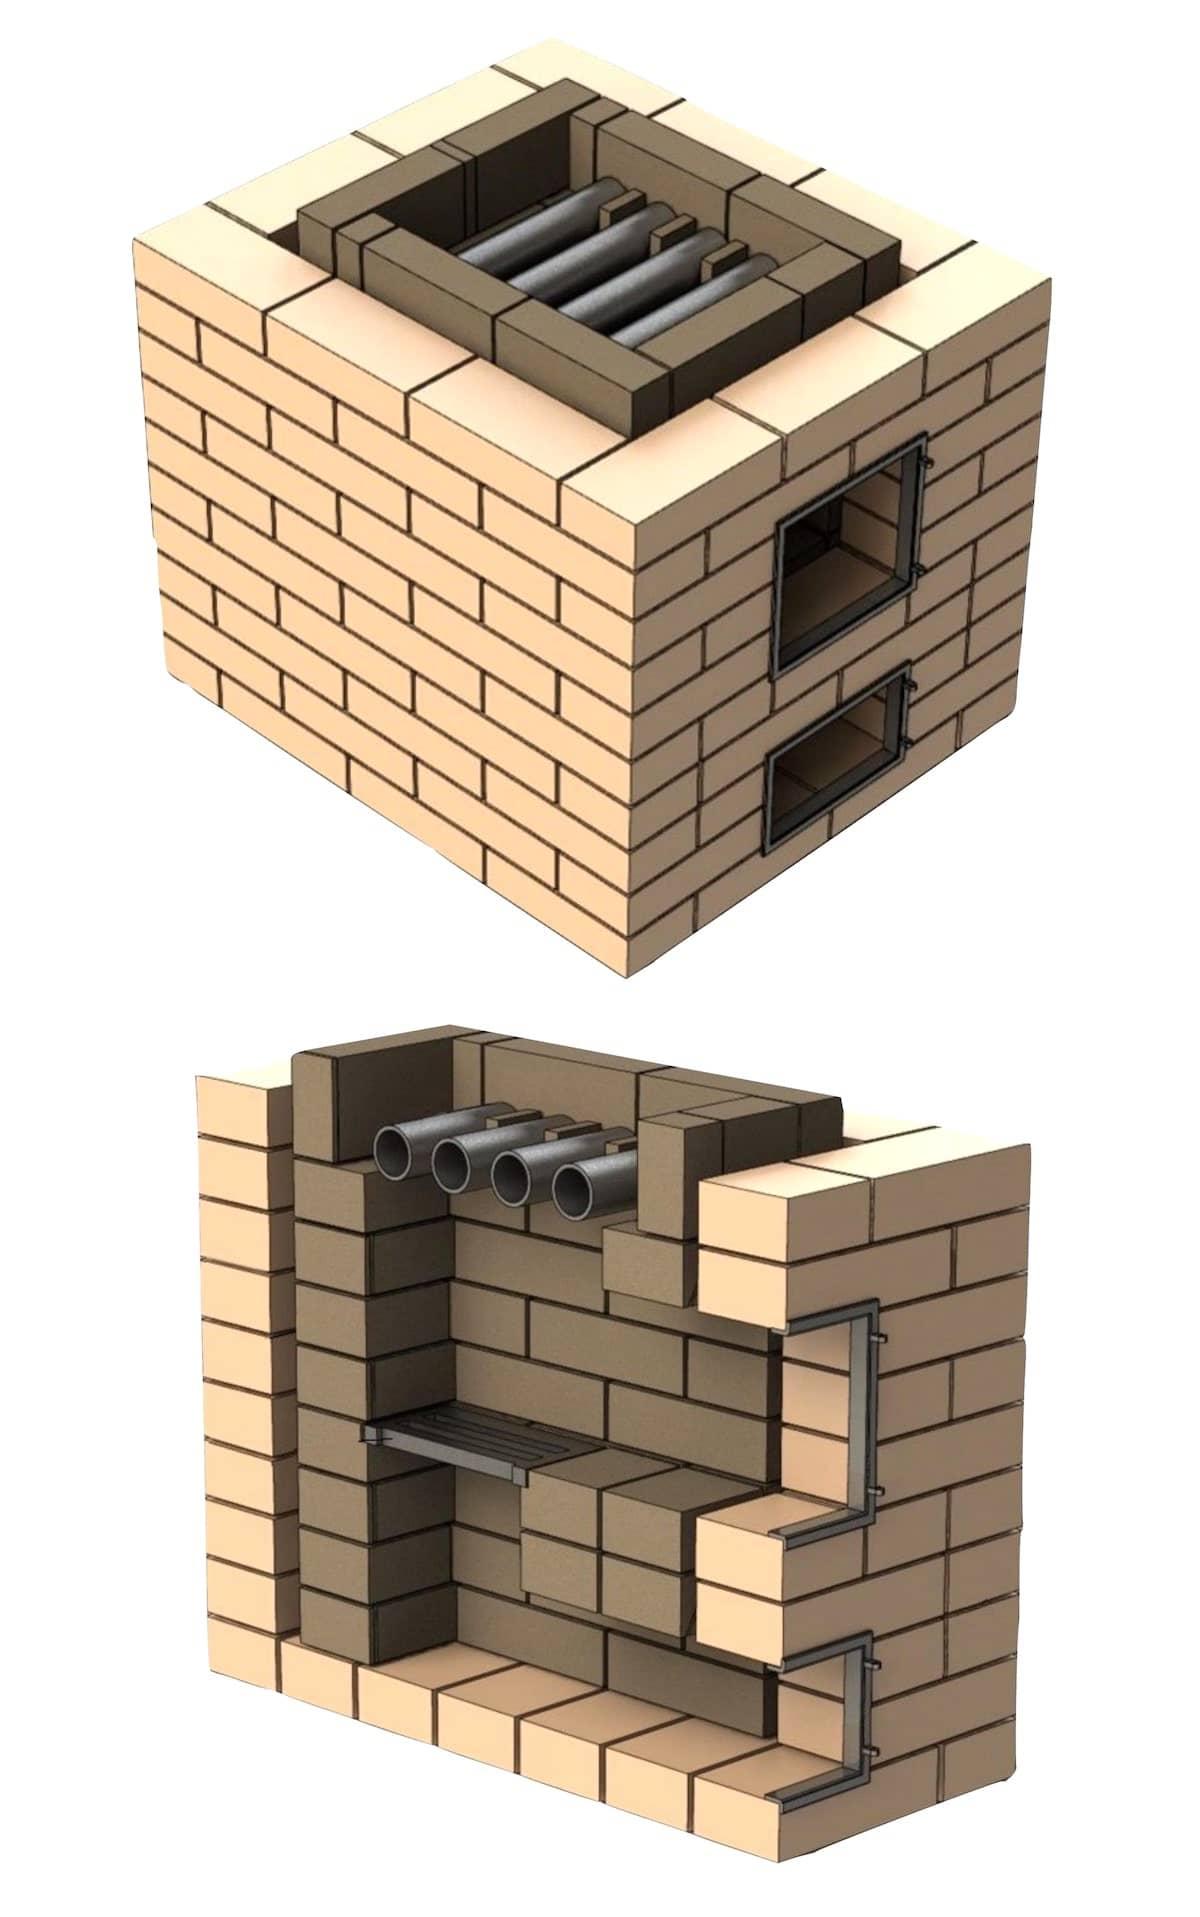 Банная печь из кирпича в разрезе (схема)